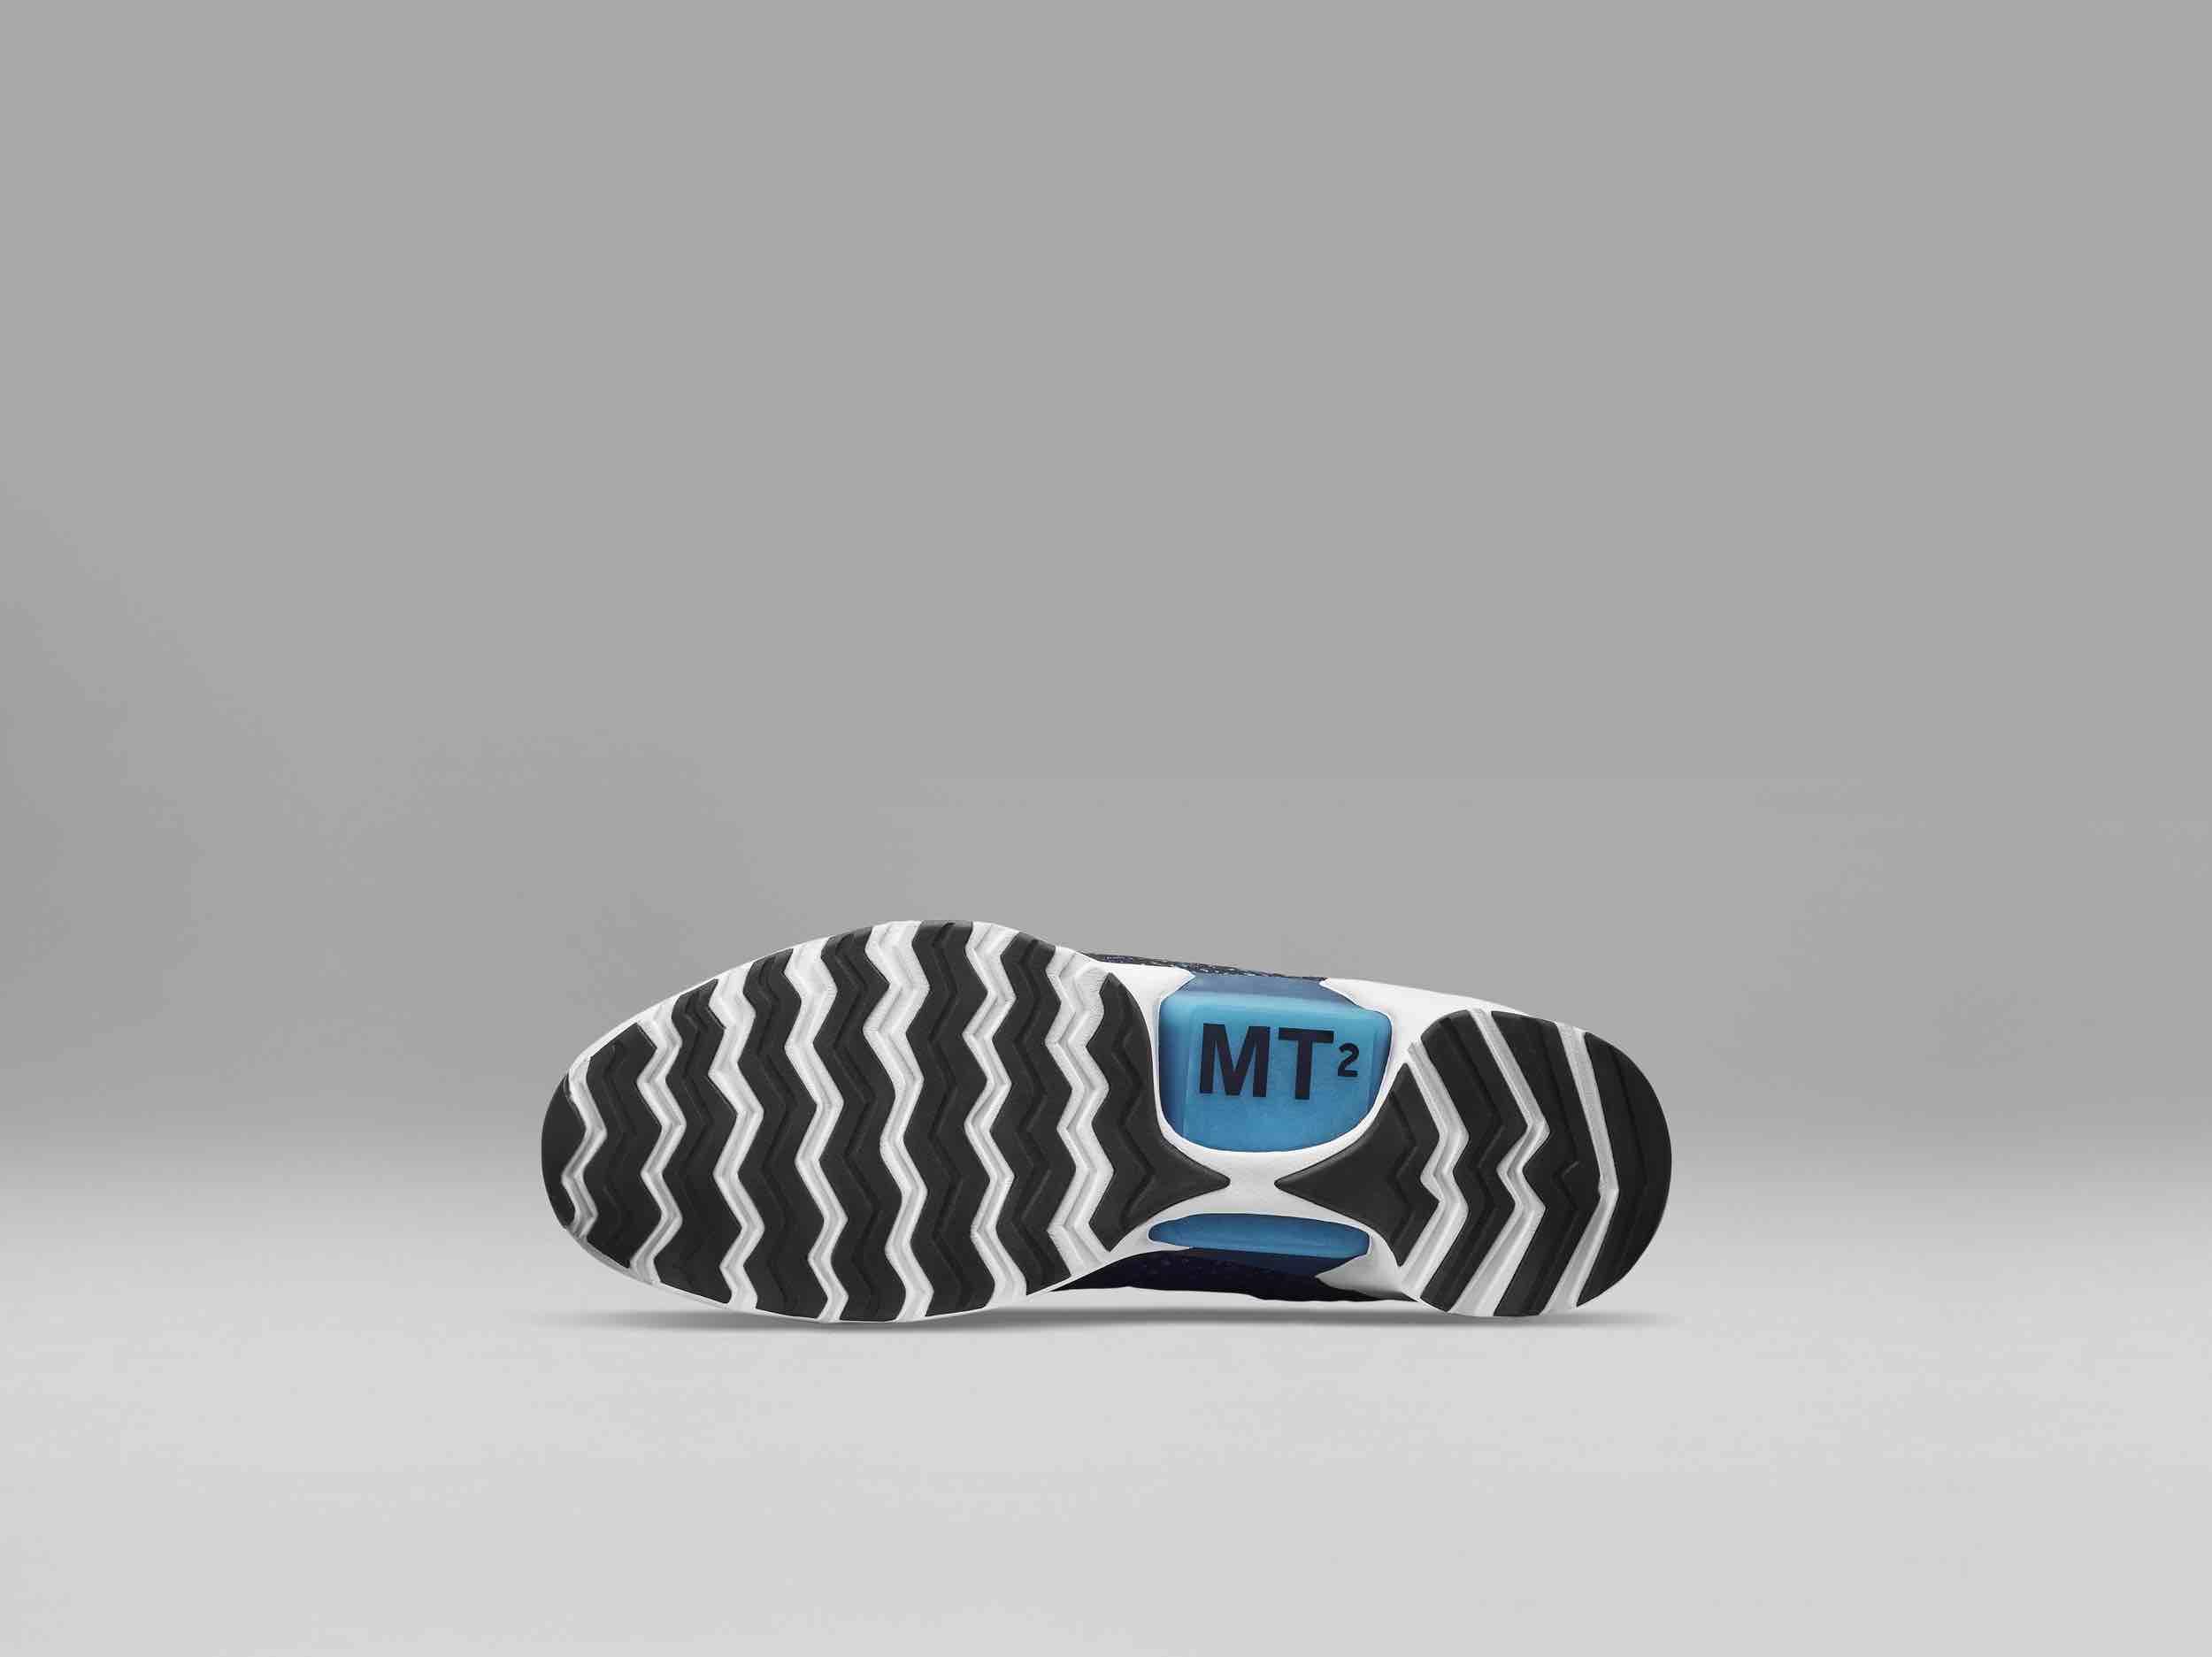 Nike va commercialiser sa première paire de chaussures autolaçantes